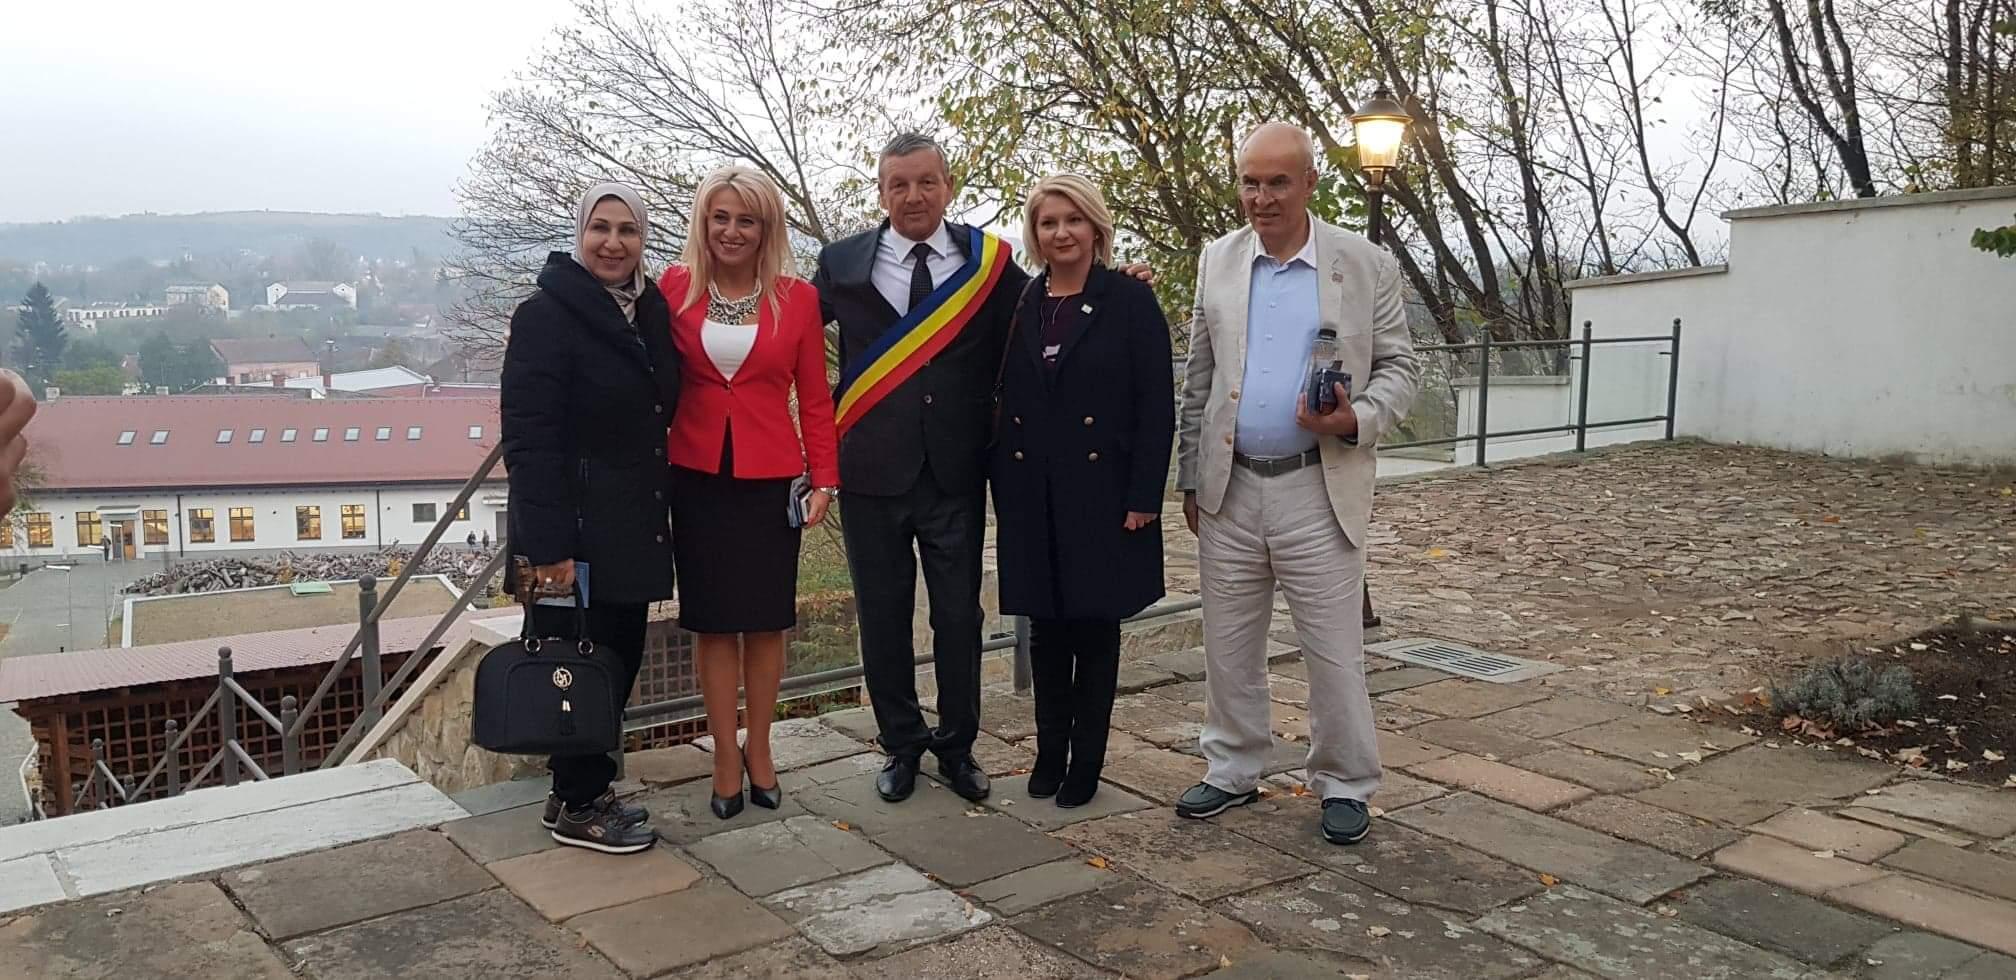 Orașul Lipova a găzduit vizita unui corp diplomatic străin format din 27 de ambasadori